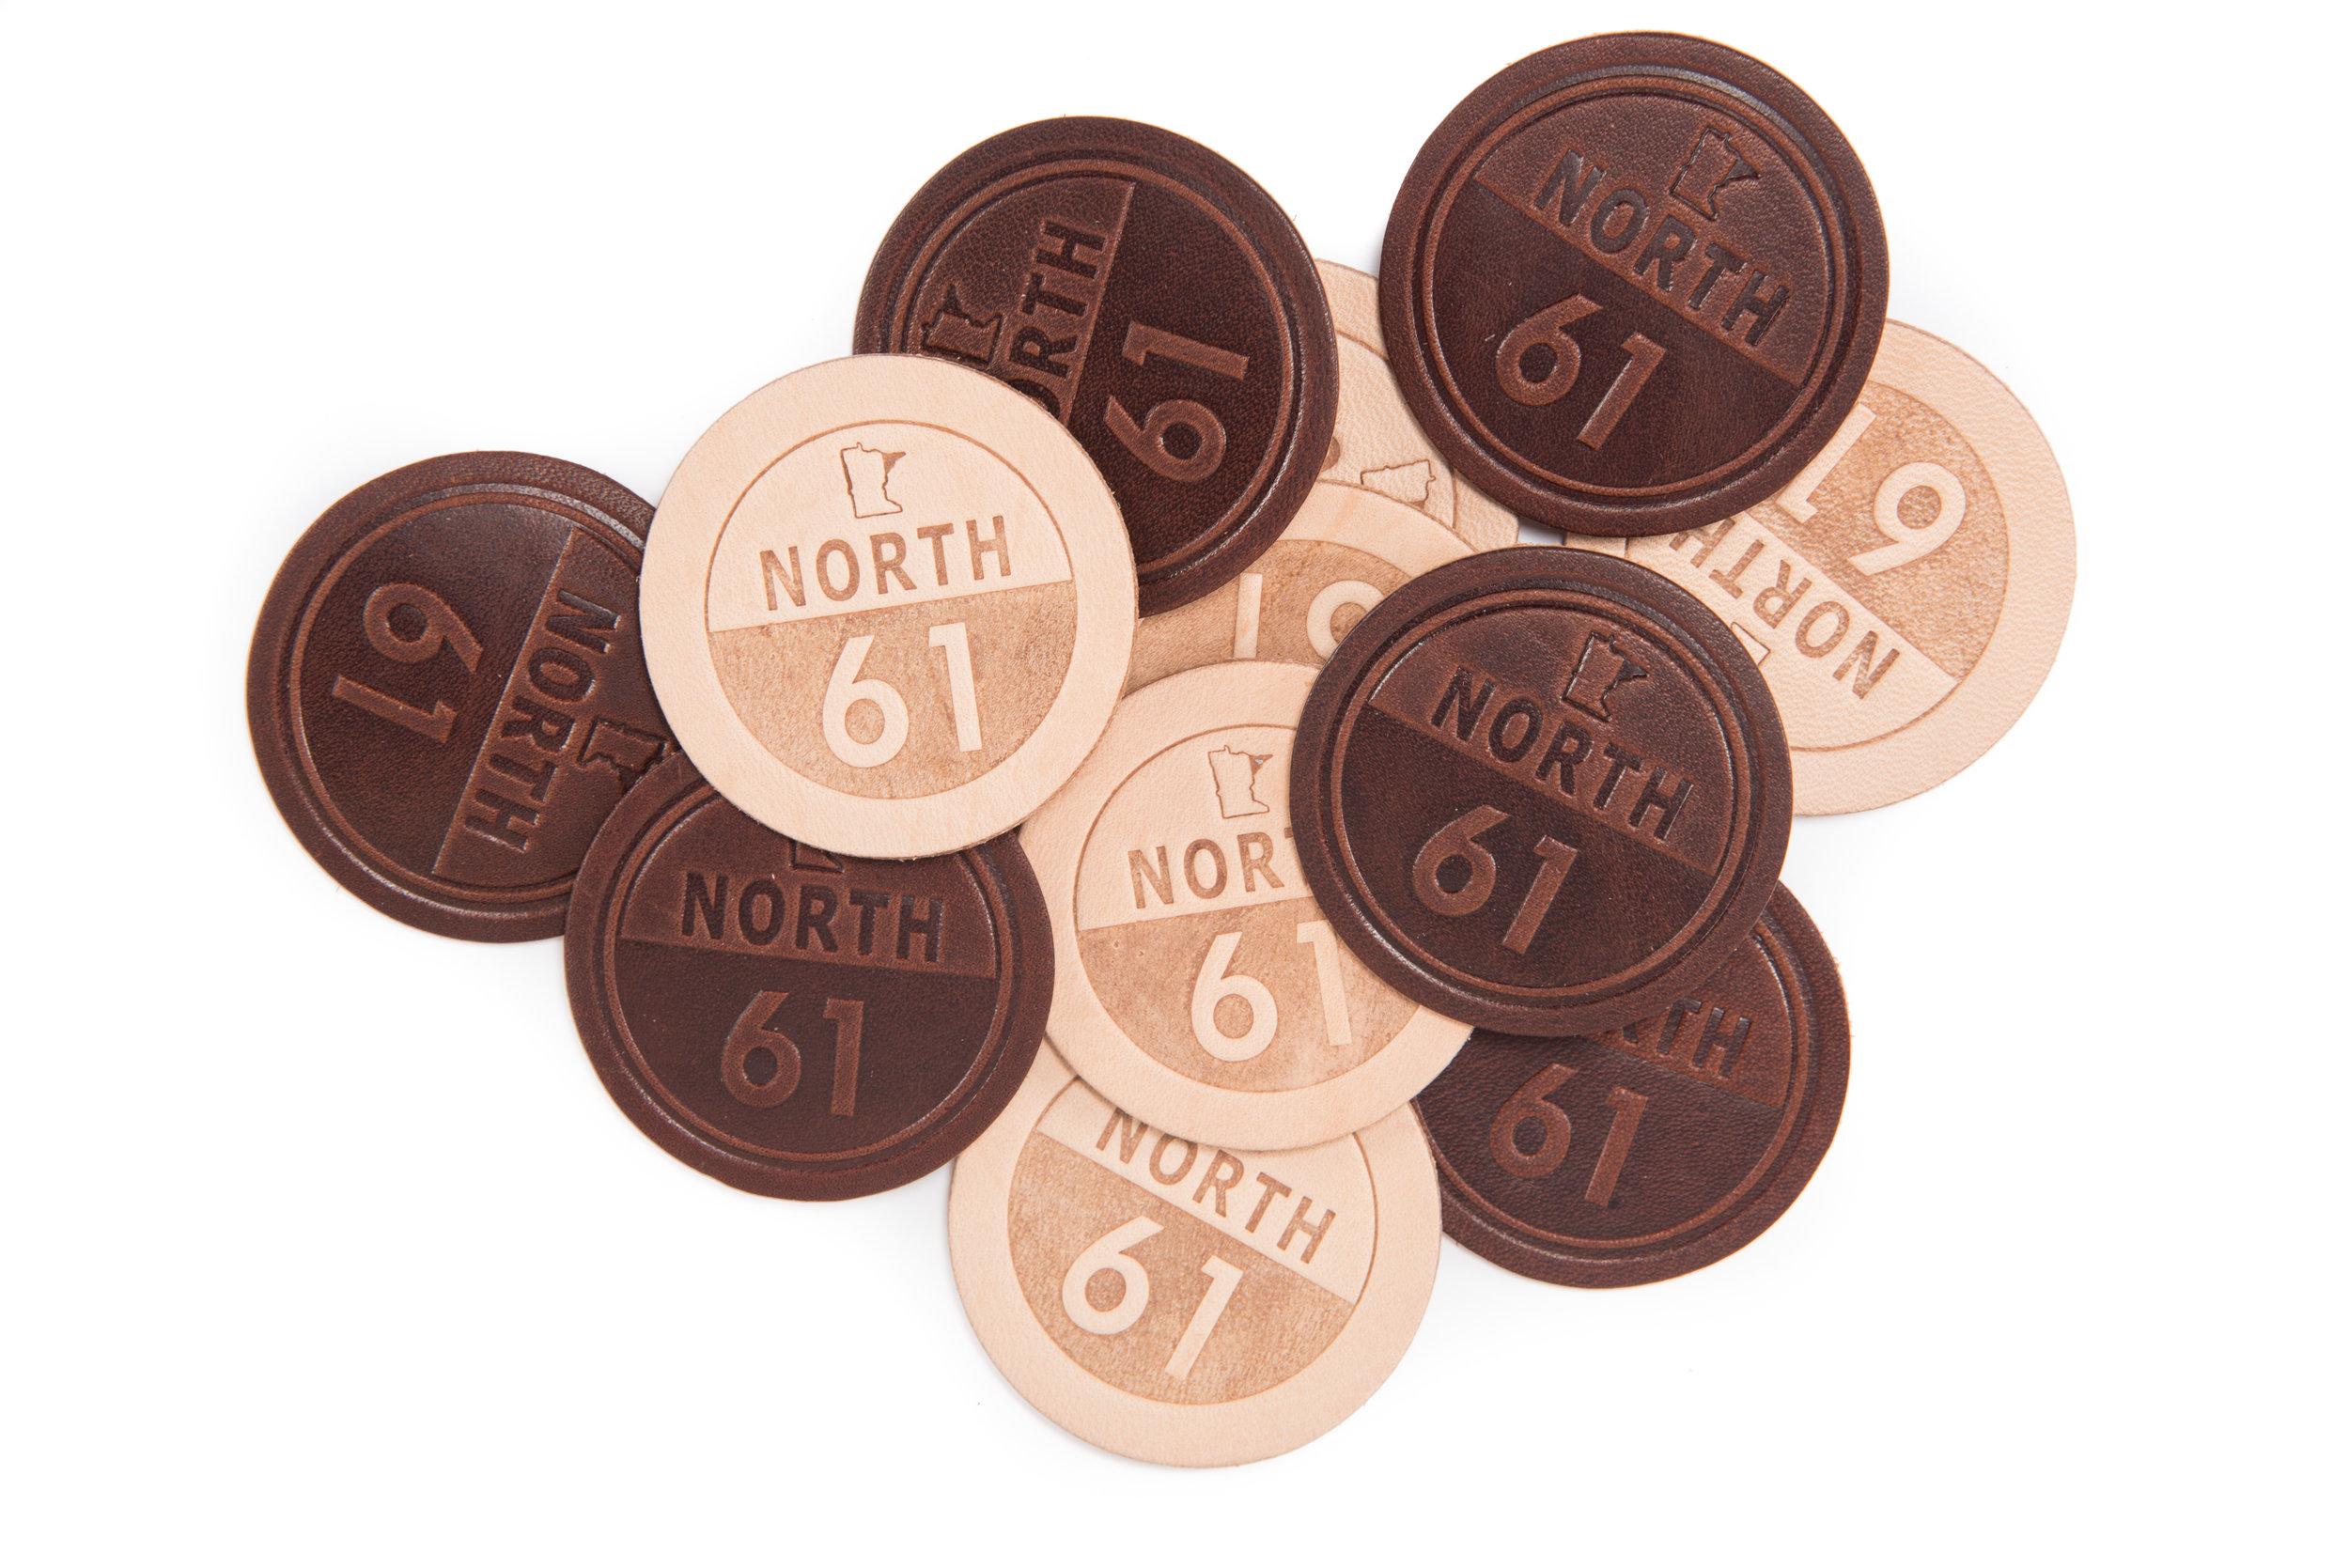 n61-upcycled-badges.jpg